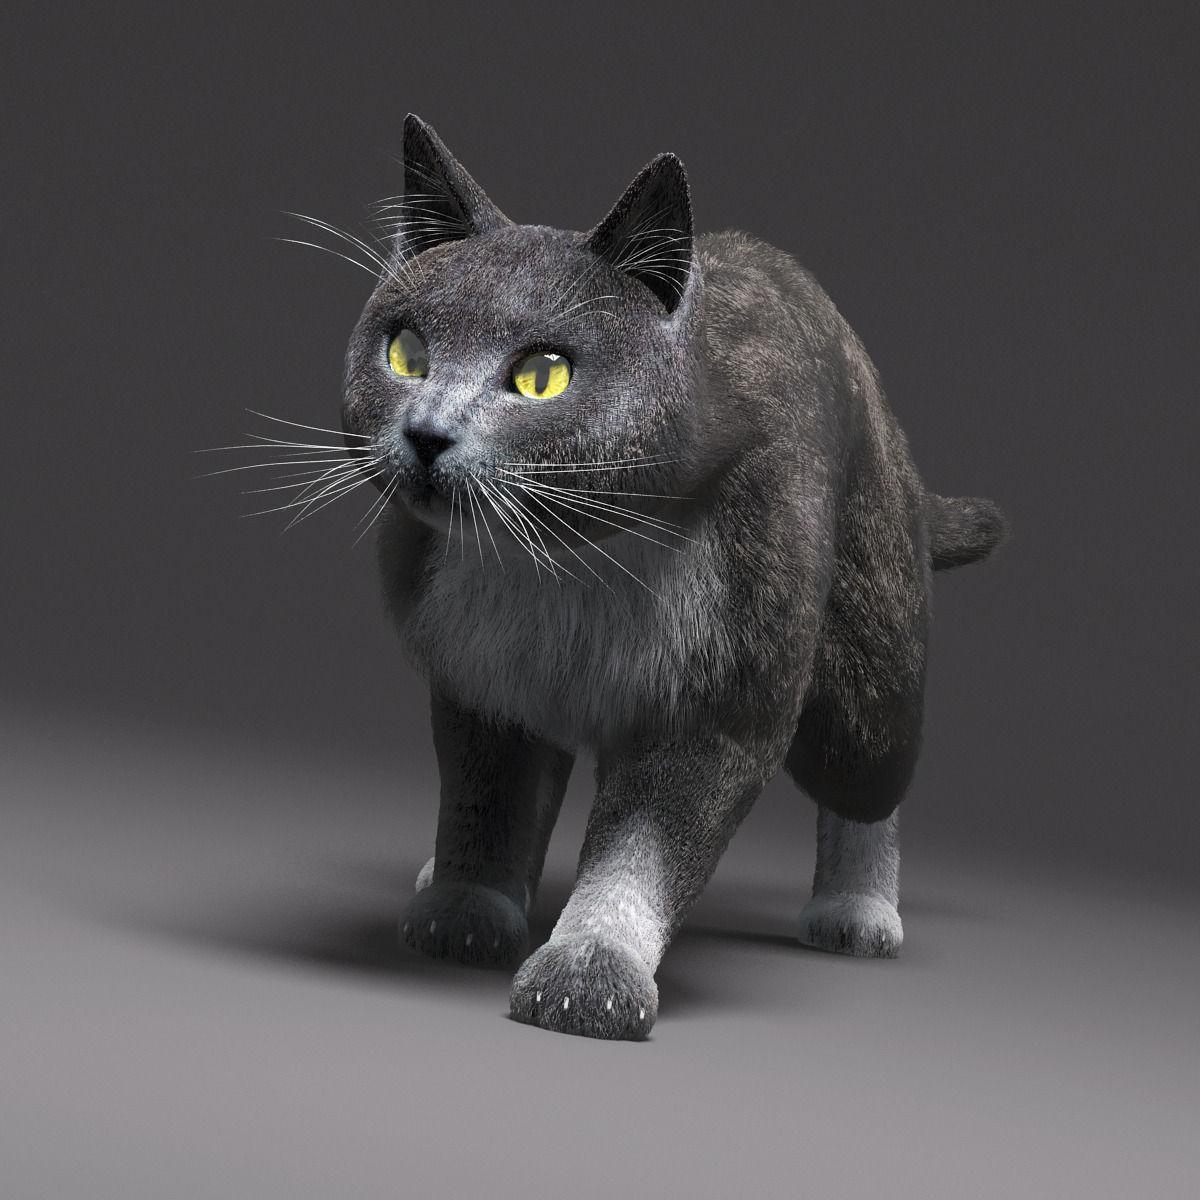 Domestic Cat Gray Fur 3d Model Rigged Max Cgtrader Com